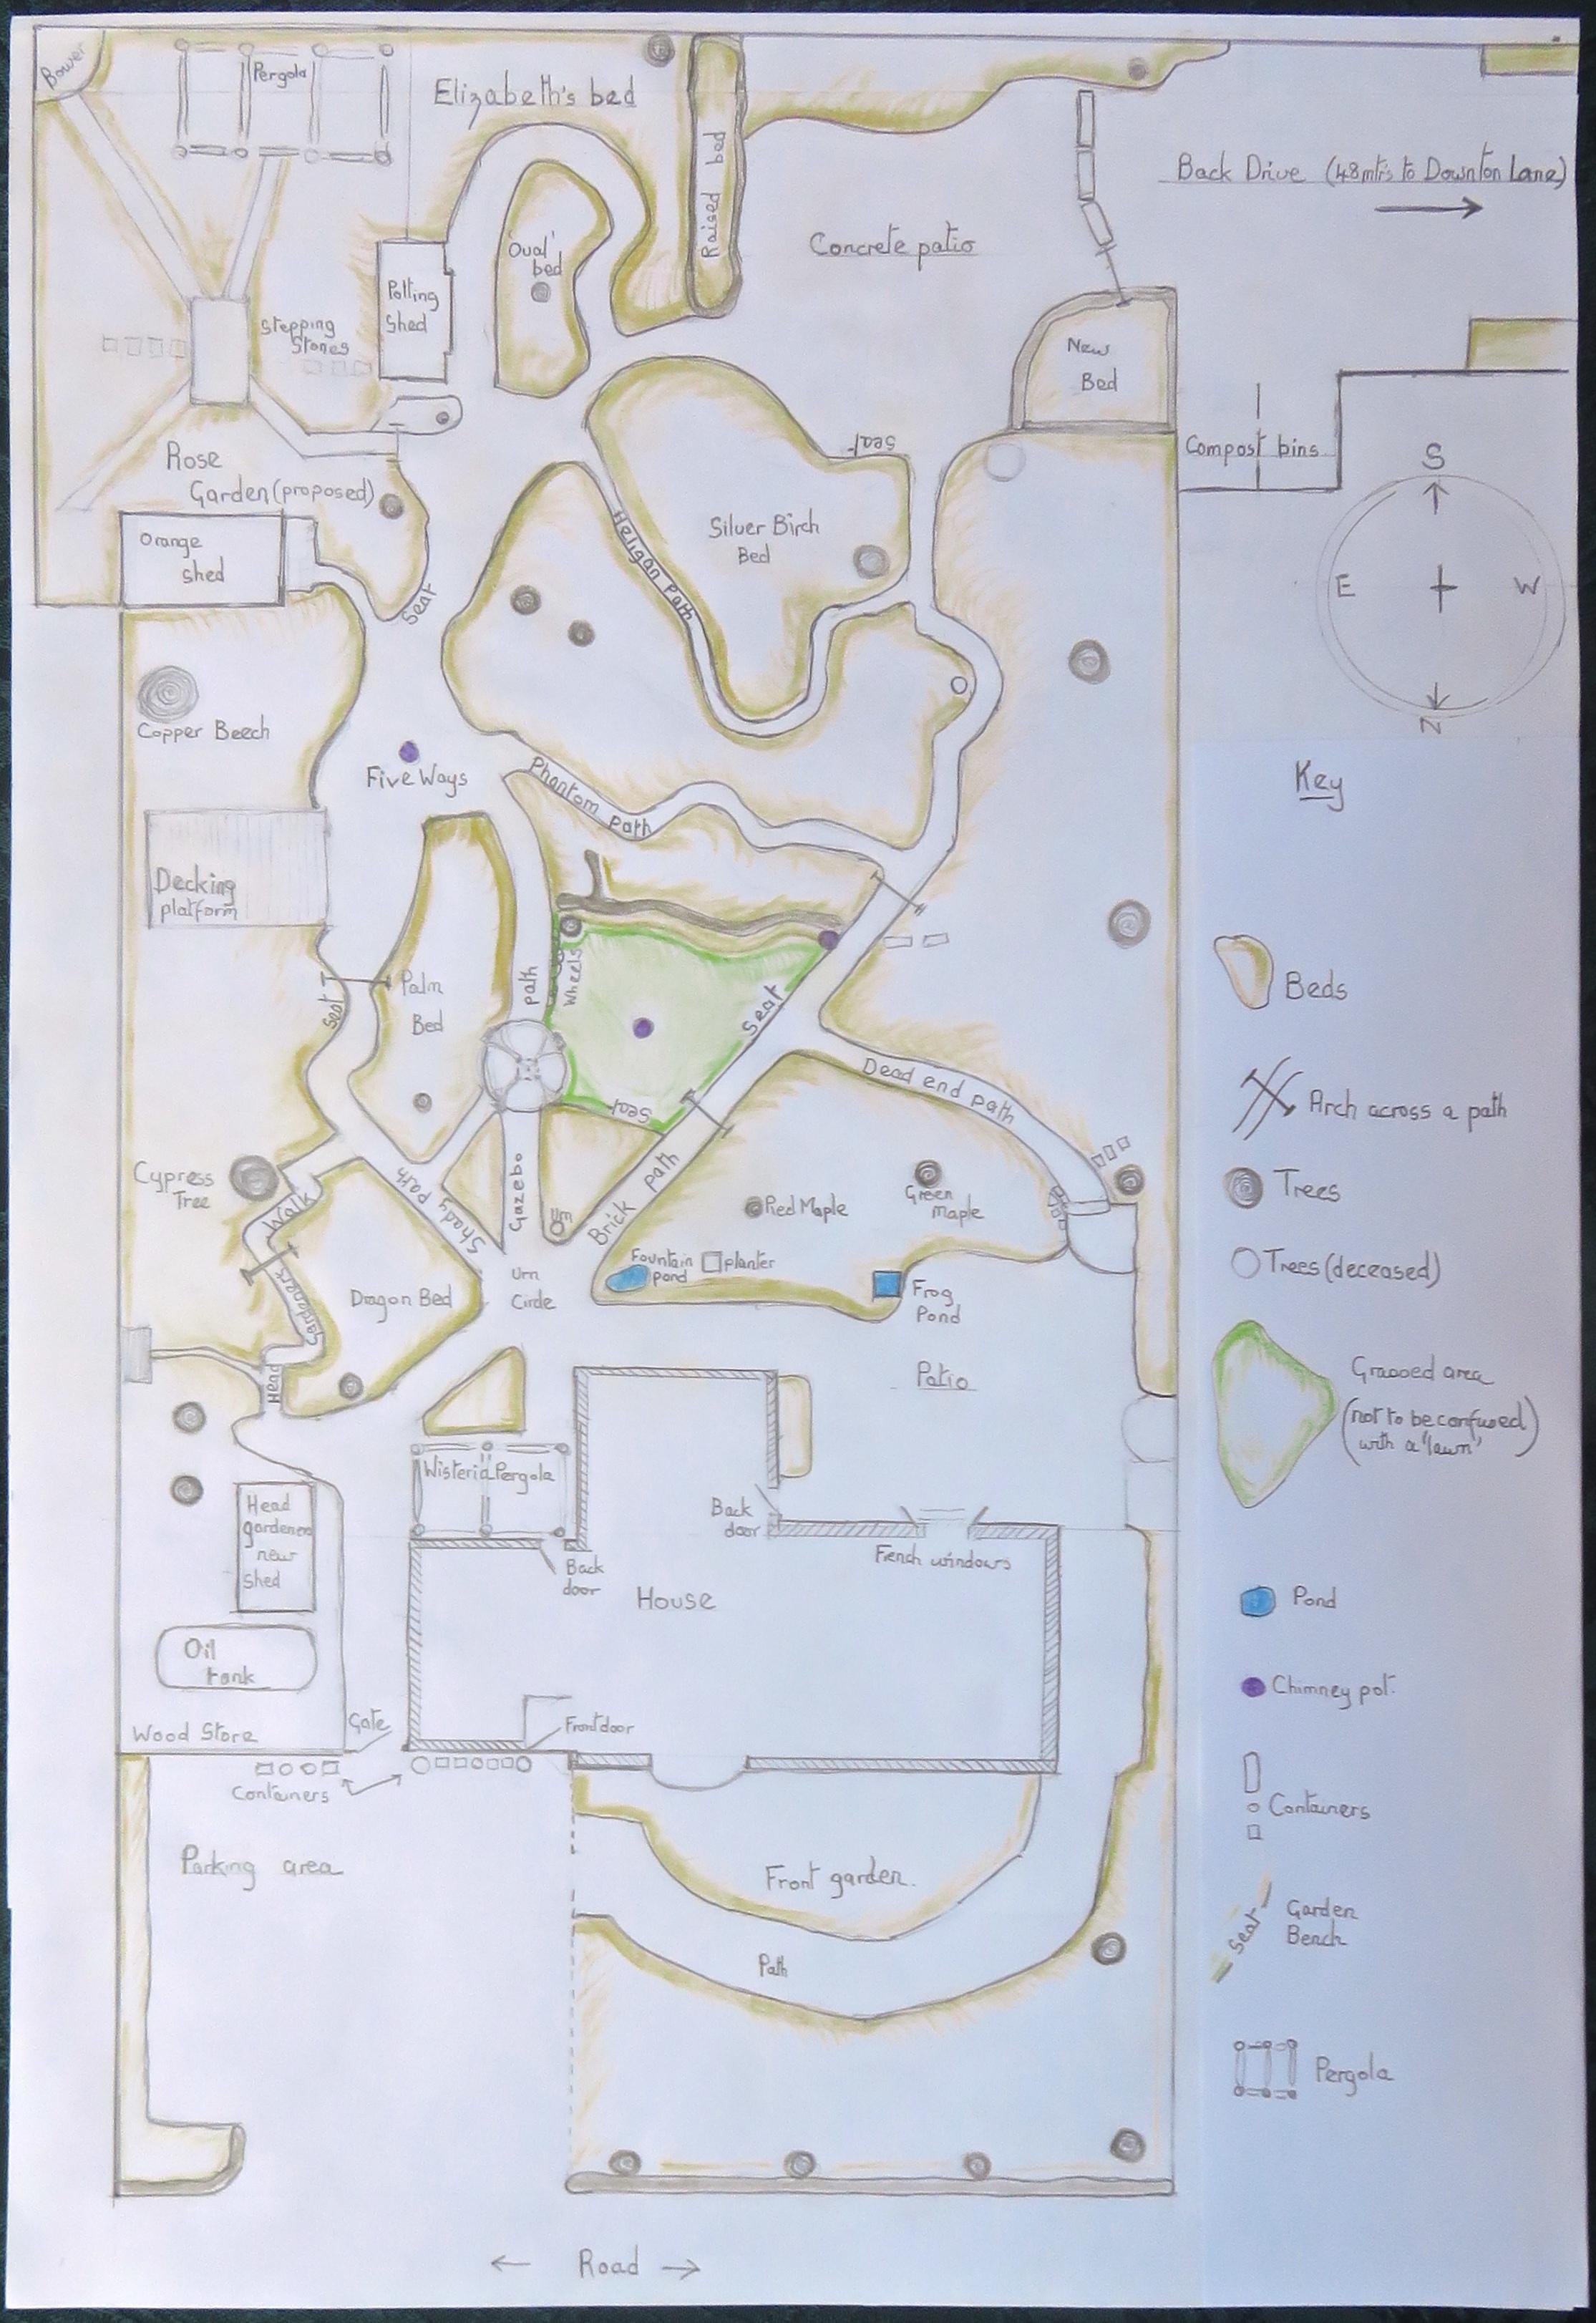 Neither John Nor His Wife Garden Map